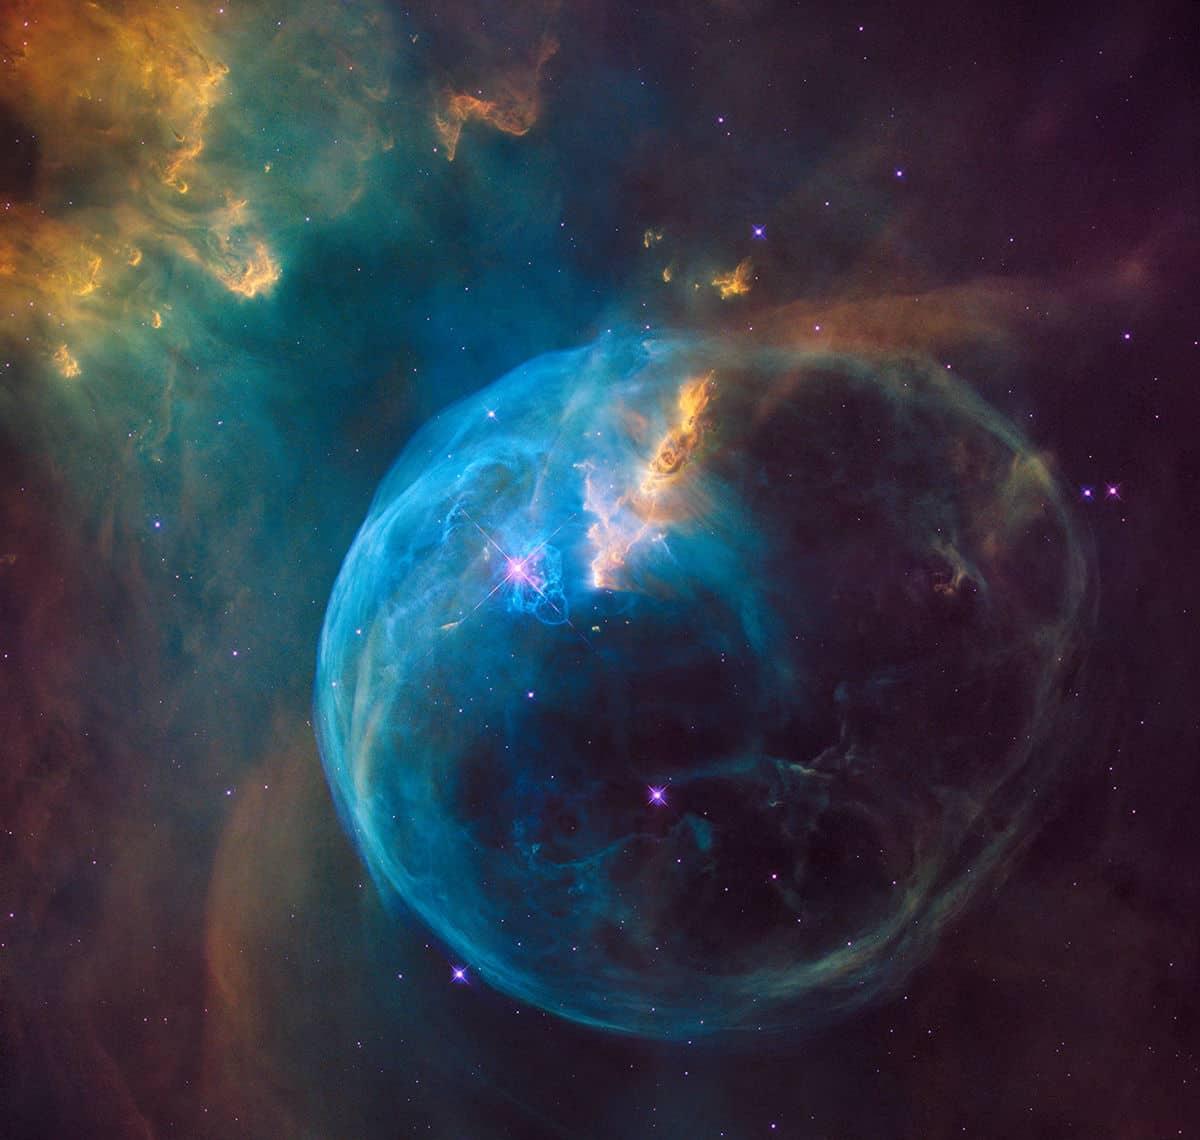 لقطات فضائية: أفضل صور للكون